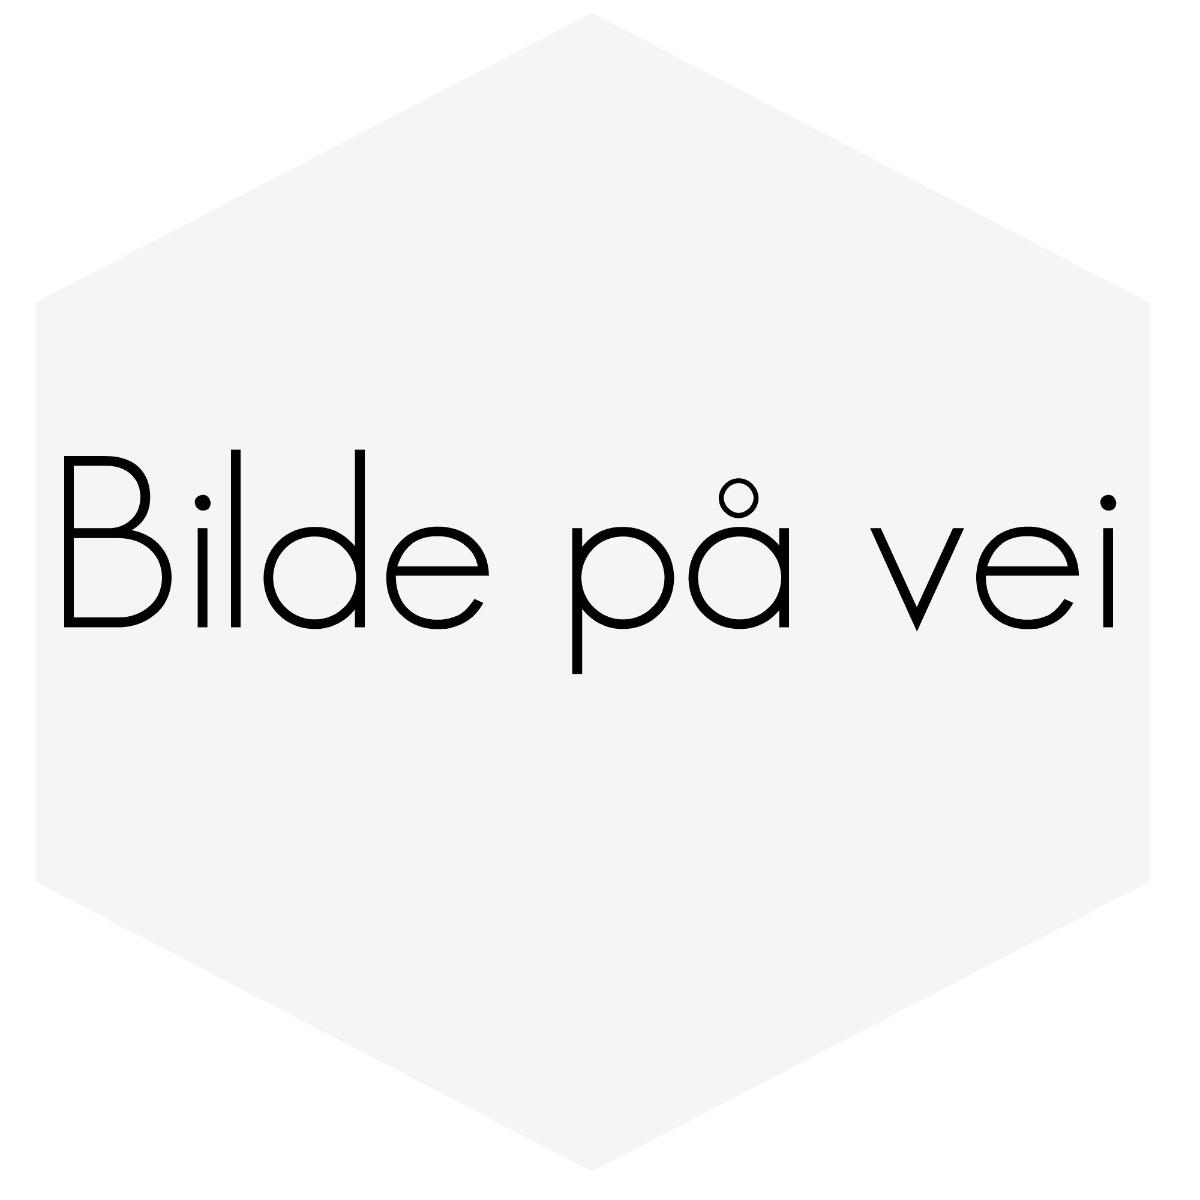 SILIKONSLANGE SVART FLEXIBEL GLATT 1,375'' (35MM)